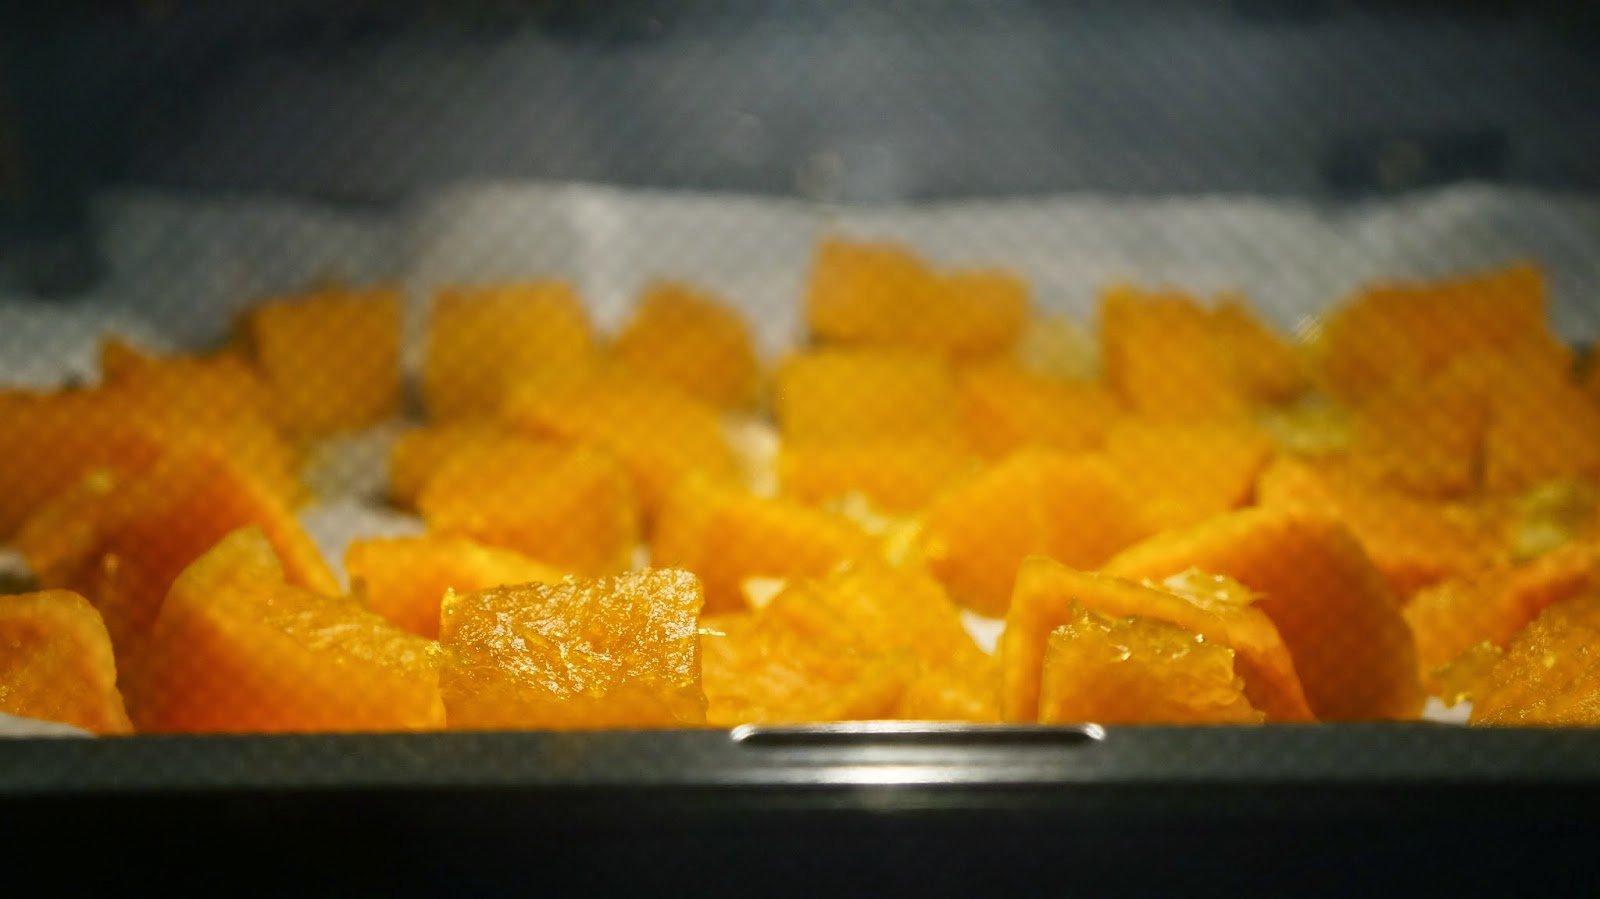 Цукаты из имбиря в домашних условиях рецепт пошагово